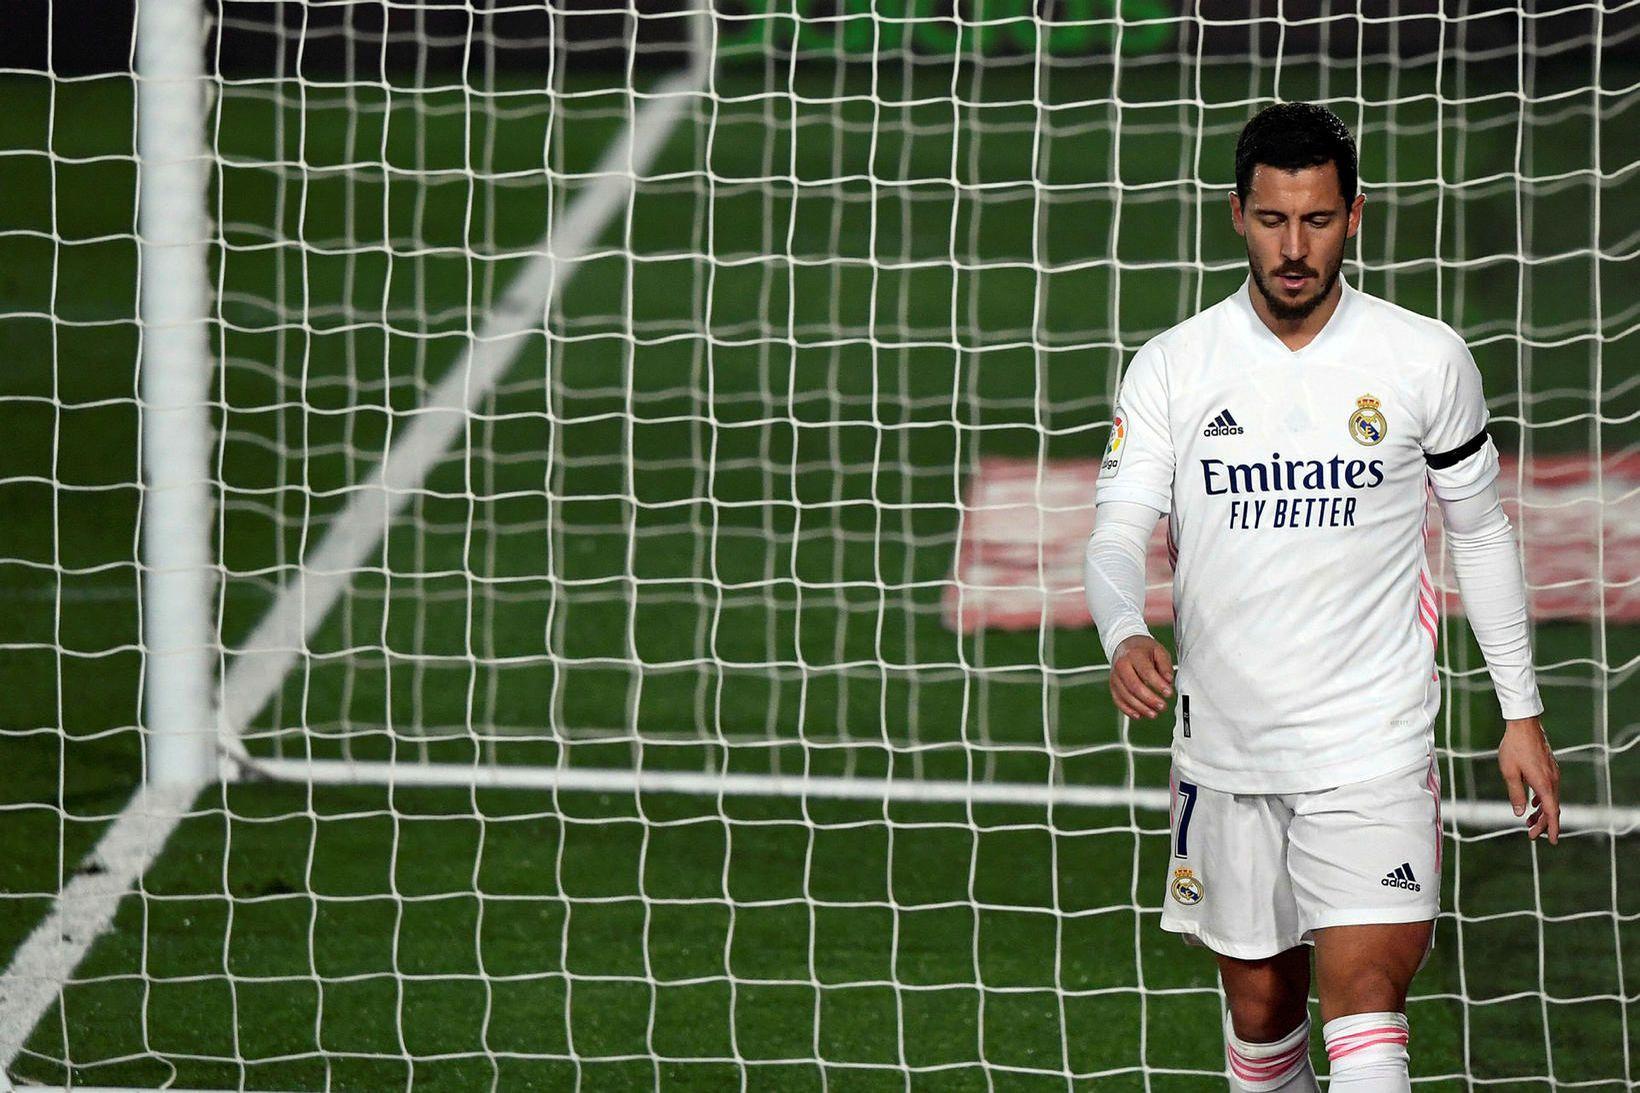 Eden Hazard gengur svekktur af velli í gær.